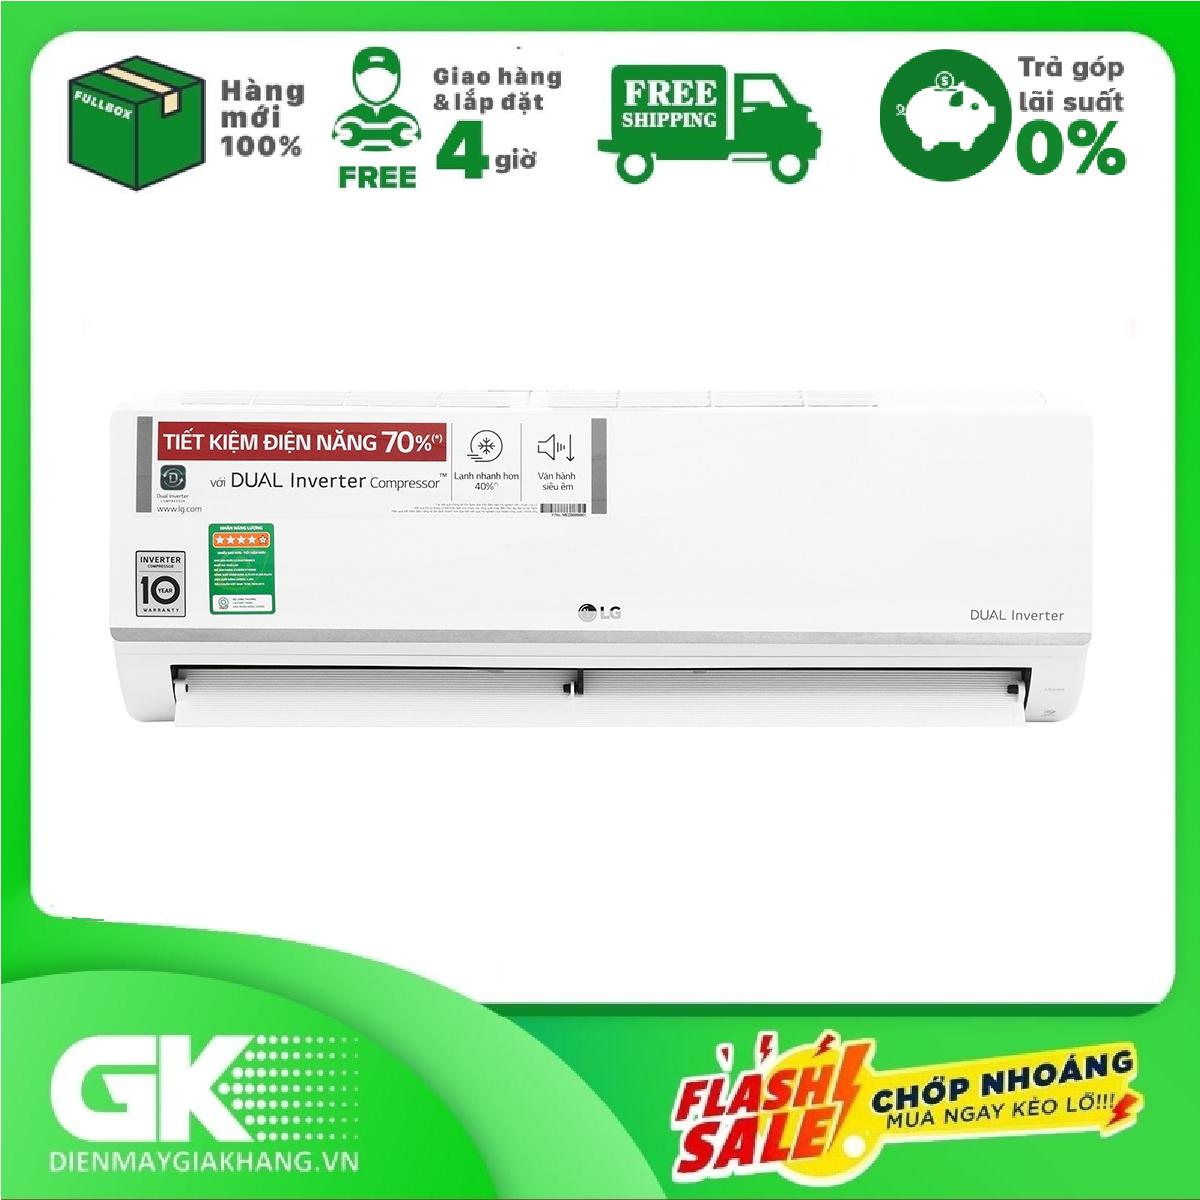 TRẢ GÓP 0% – Máy lạnh LG Inverter 1.5 HP V13ENS- Bảo hành 12 tháng